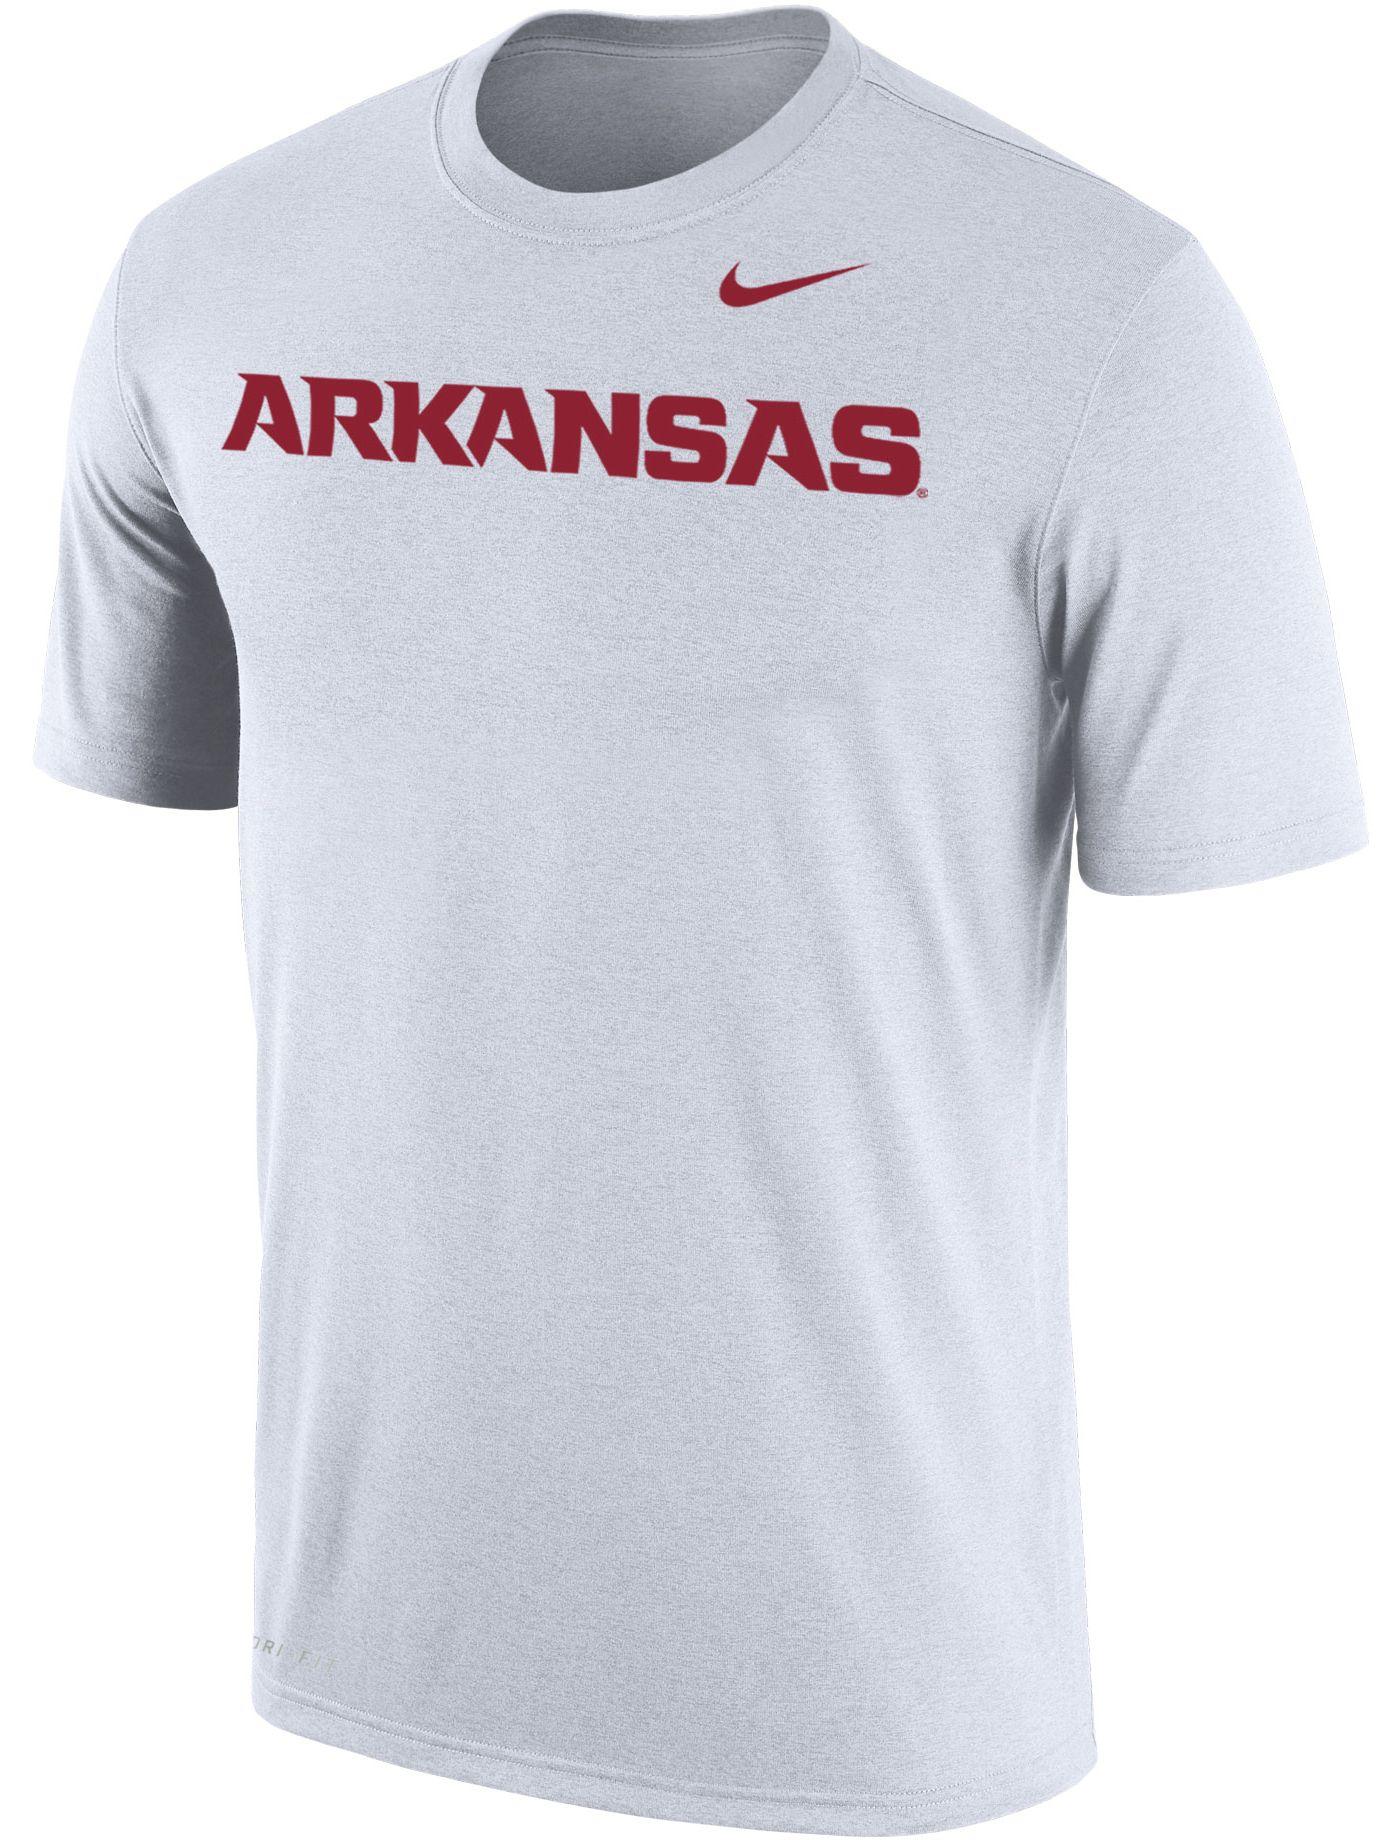 Nike Men's Arkansas Razorbacks Dri-FIT Cotton Word White T-Shirt